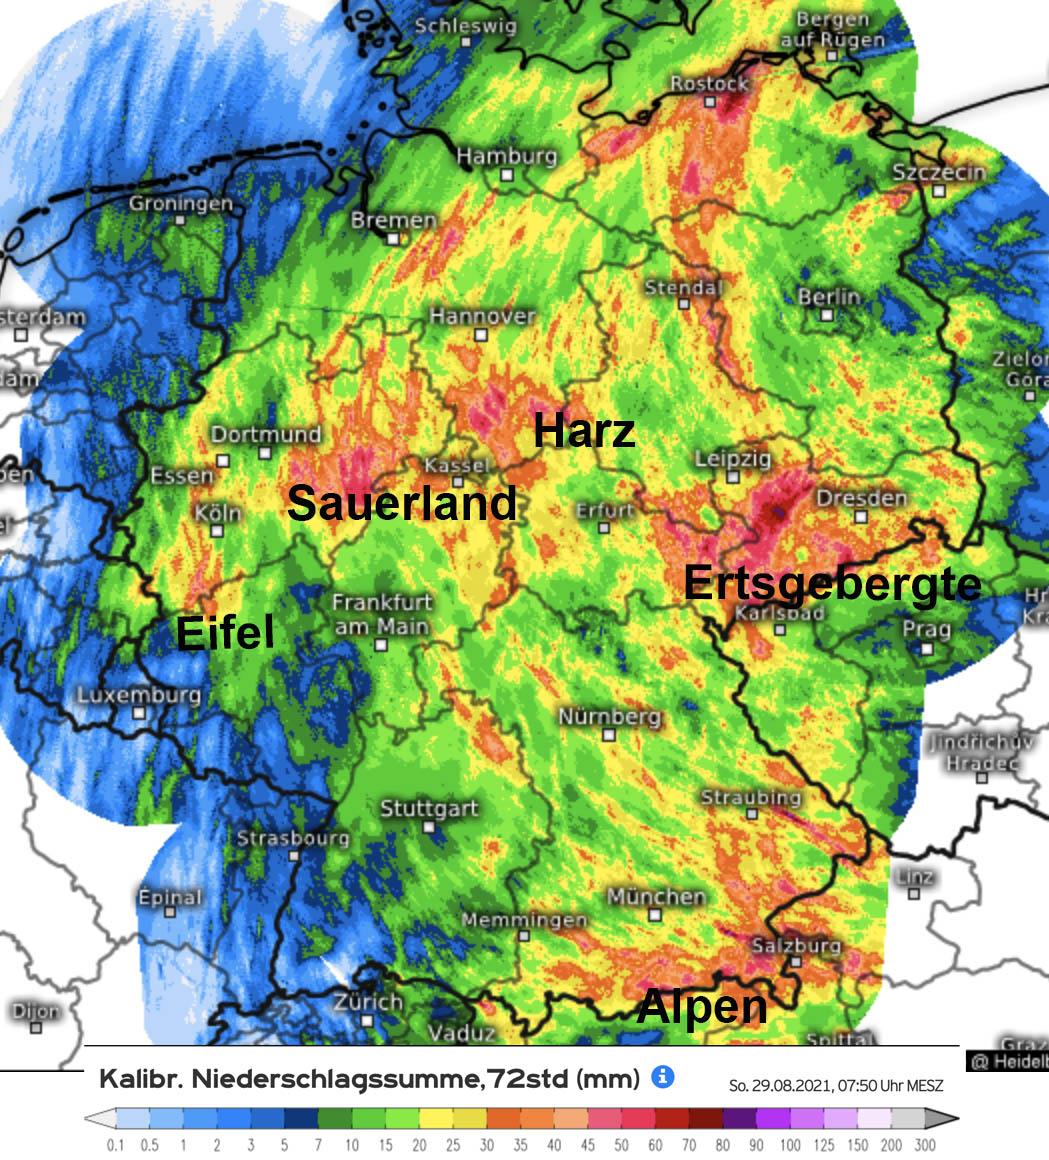 De noordelijke stroming van de afgelopen dagen zorgt wederom voor veel neerslag in de Middelgebergten in Duitsland.